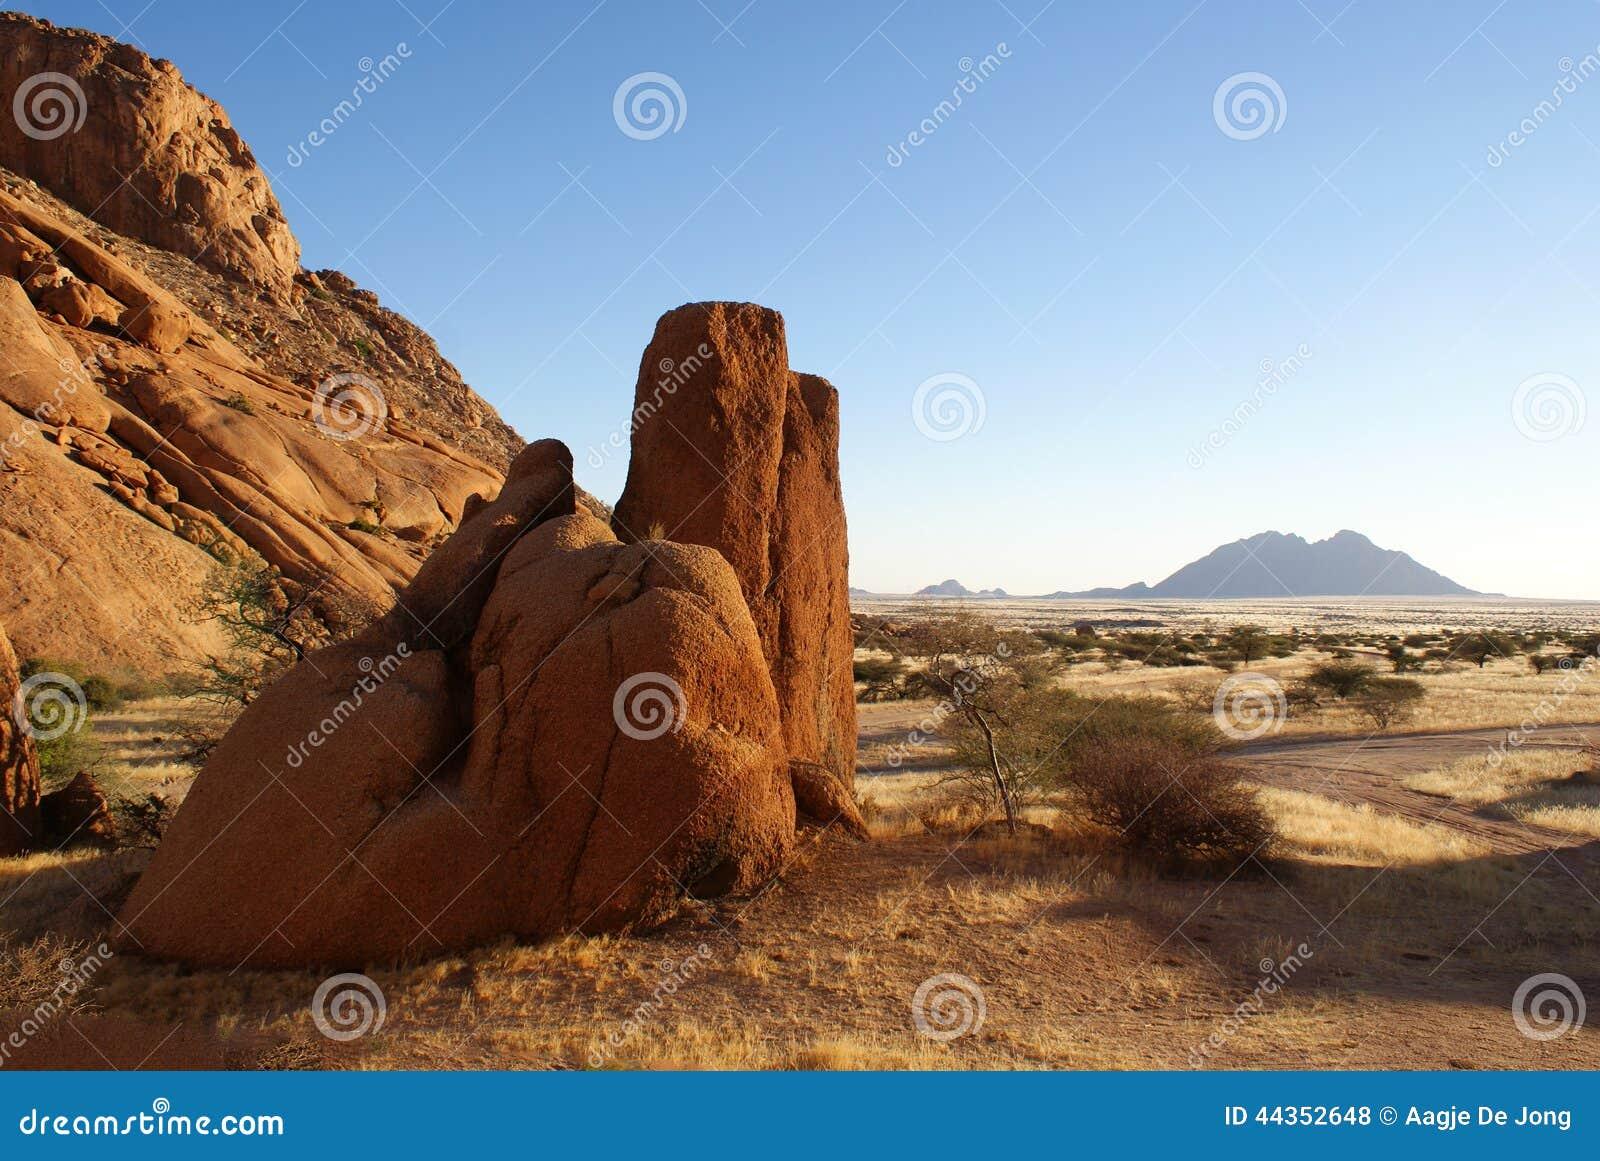 Formazione rocciosa di Spitzkoppe in Namibia